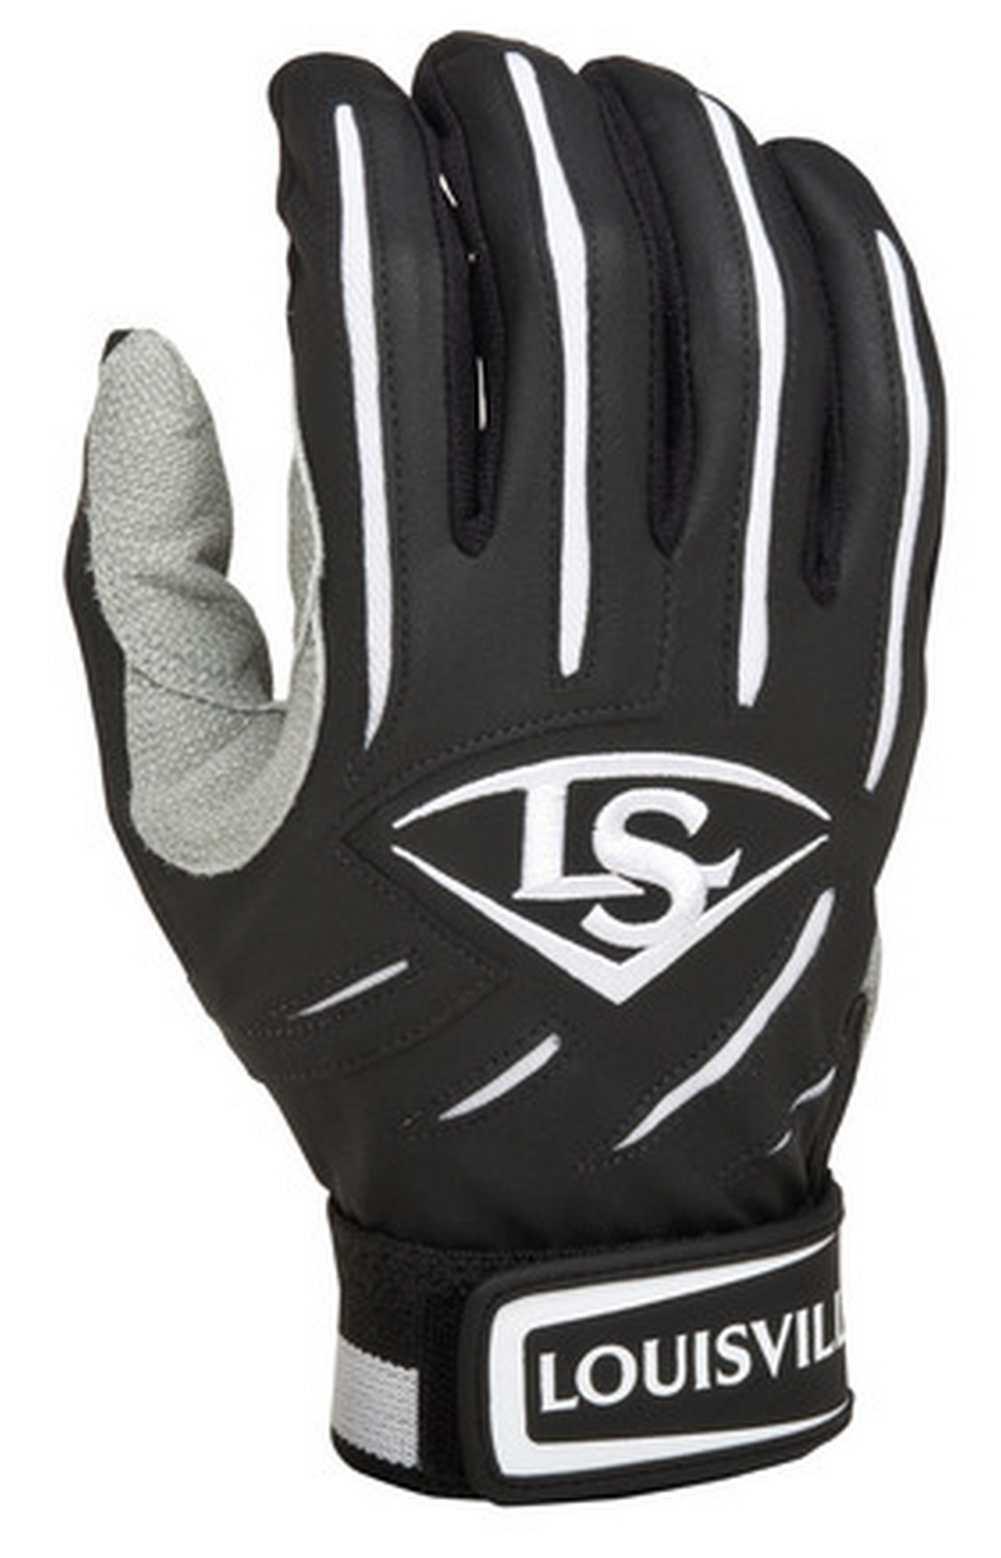 Black leather batting gloves - Louisville Slugger Series 5 Baseball Softball Batting Gloves